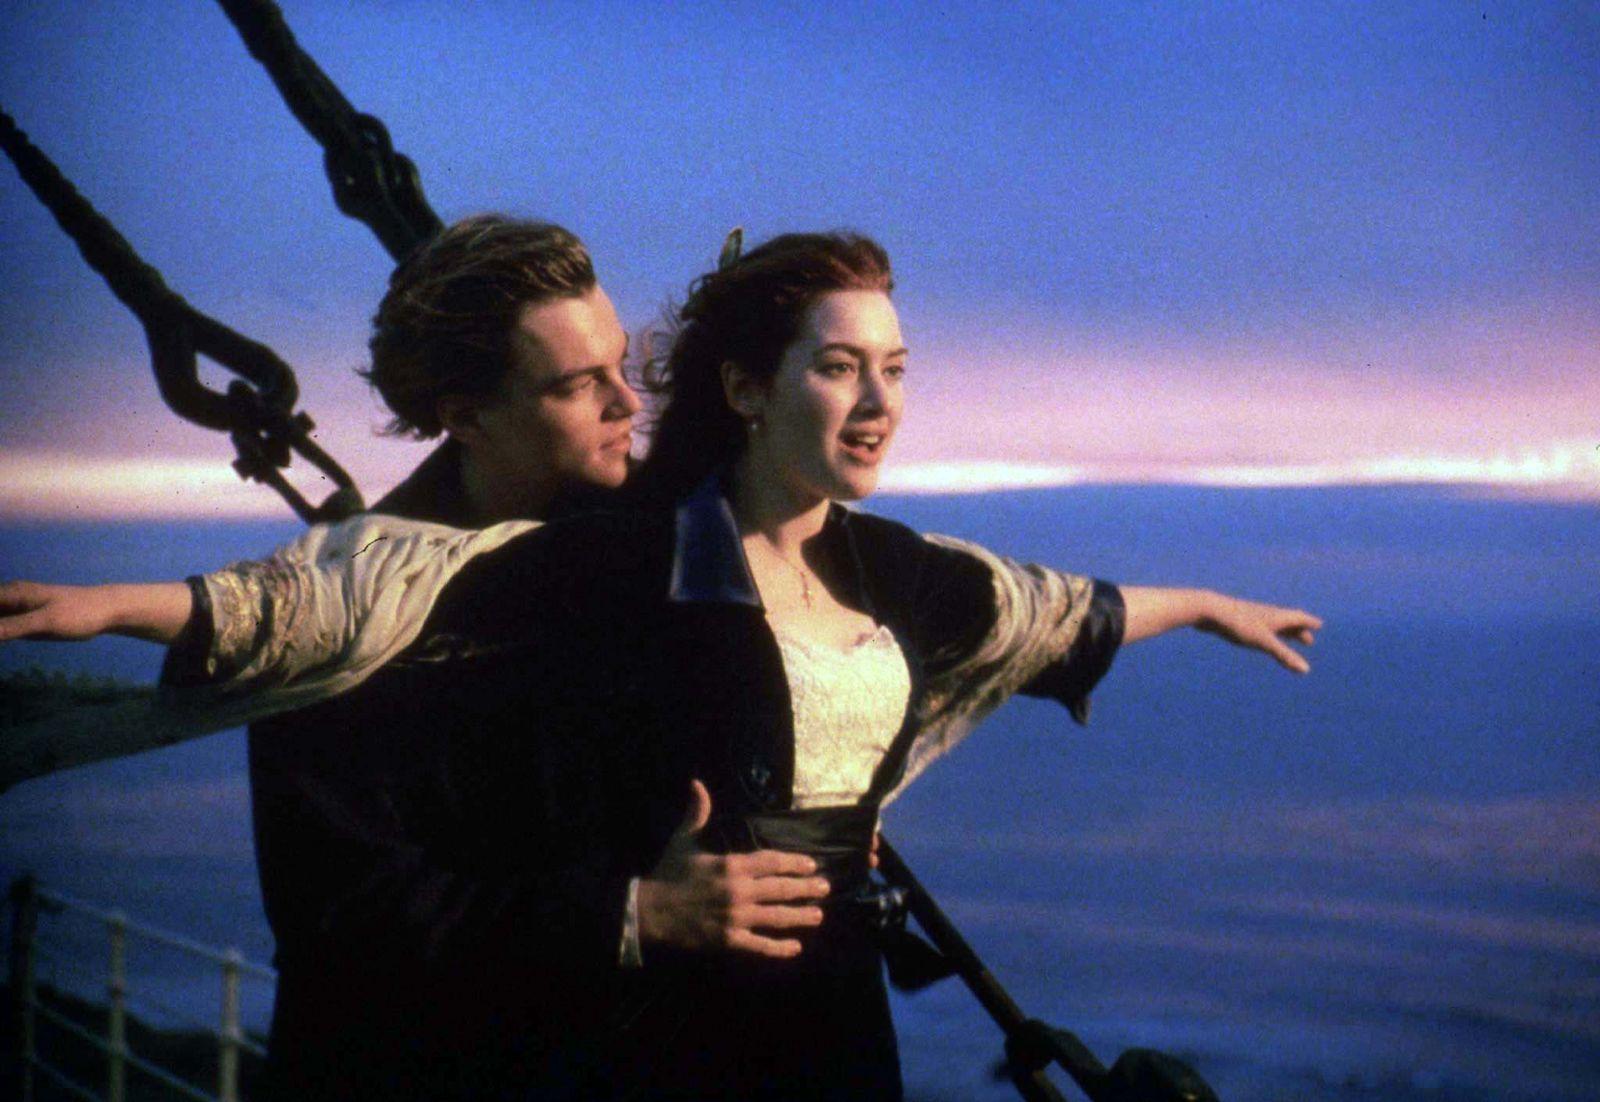 """EINMALIGE VERWENDUNG KEIN SYMBOLFOTO!!!!! Filmszene """"Titanic"""" DiCaprio / Kate Winslet"""